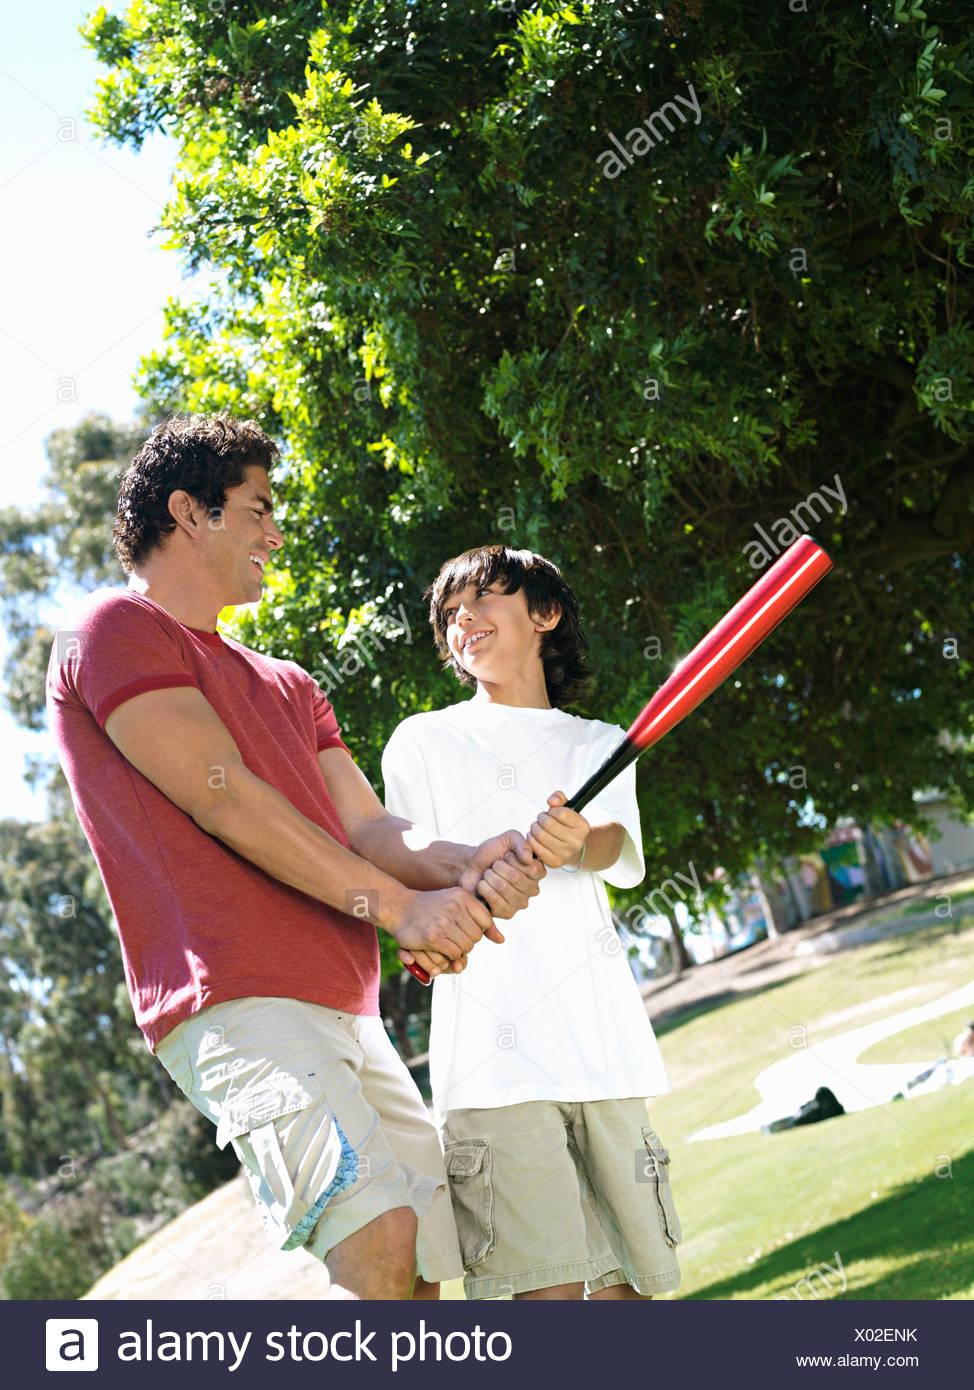 Padre figlio di insegnamento 10 12 come tenere mazza da baseball in piedi su erba nel parco di inclinazione sorridente Immagini Stock